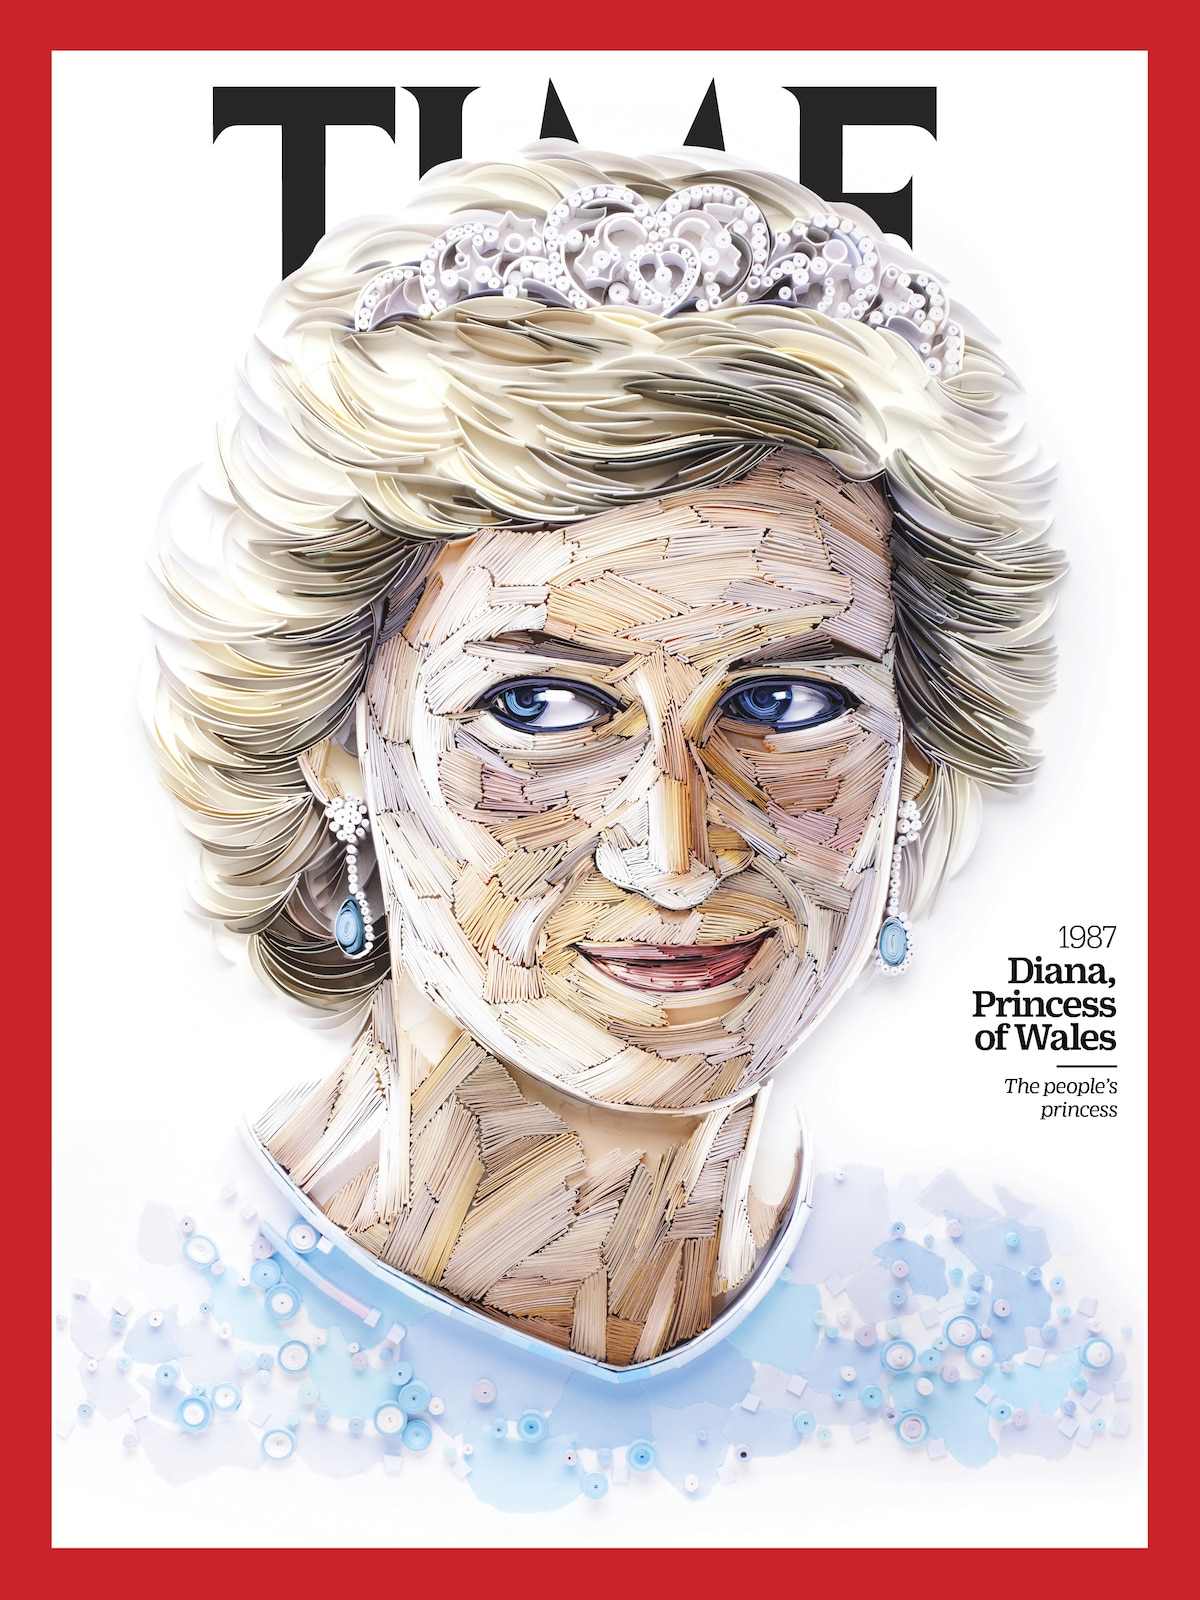 Princess Diana TIME Cover